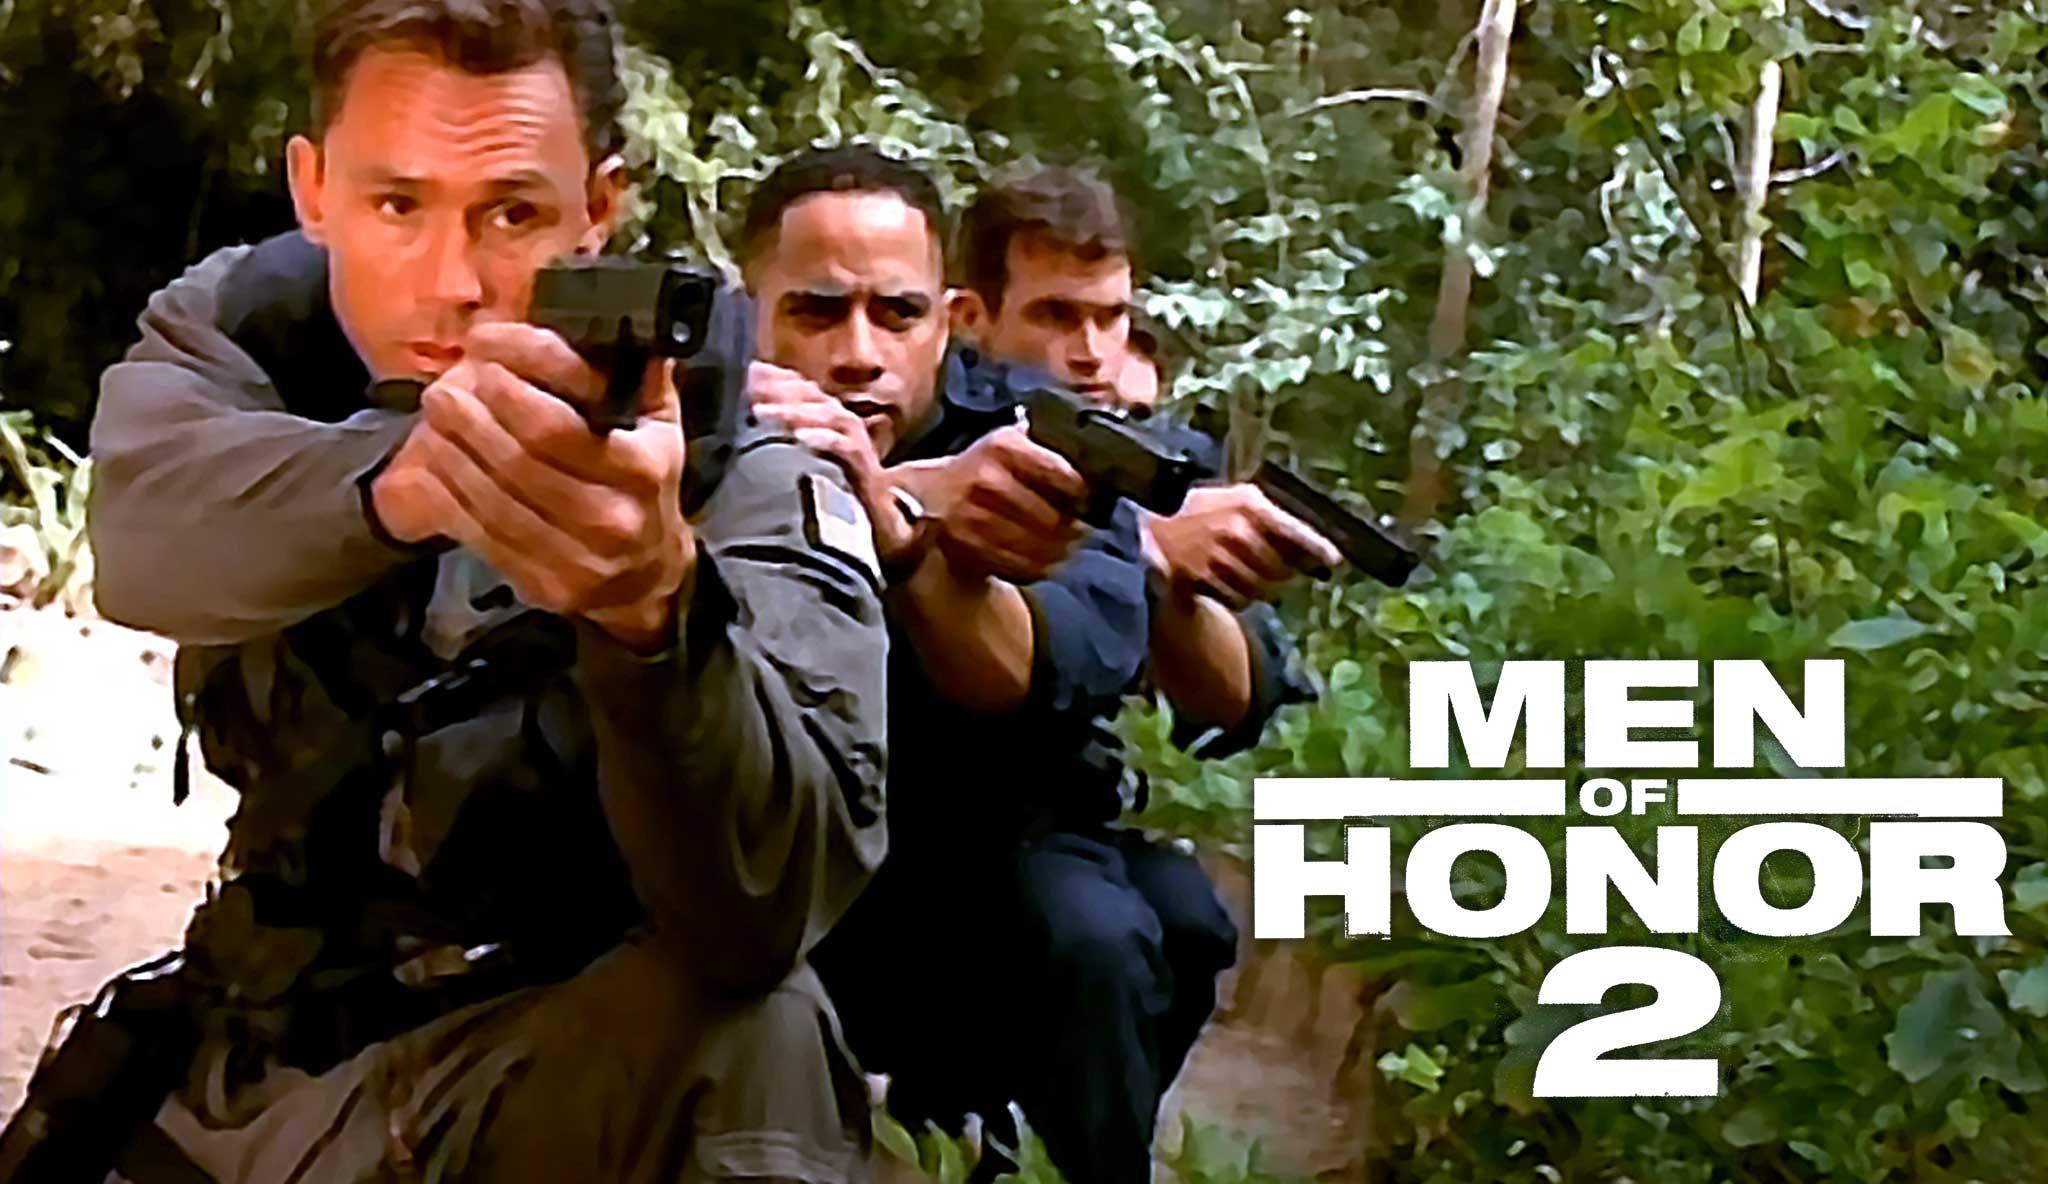 men-of-honor-2-fighting-force\header.jpg